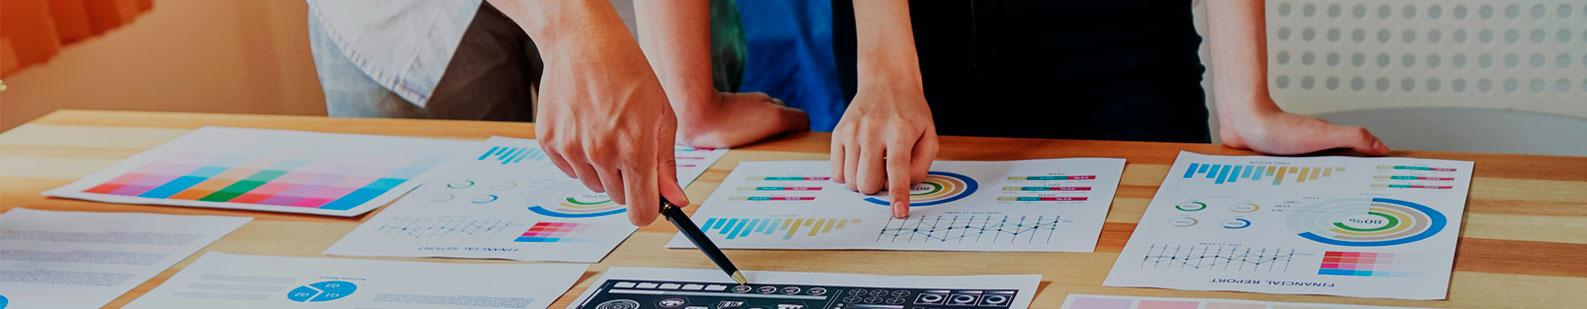 http://www.serpro.gov.br/menu/quem-somos/marca-serpro/reducao-marca-serpro